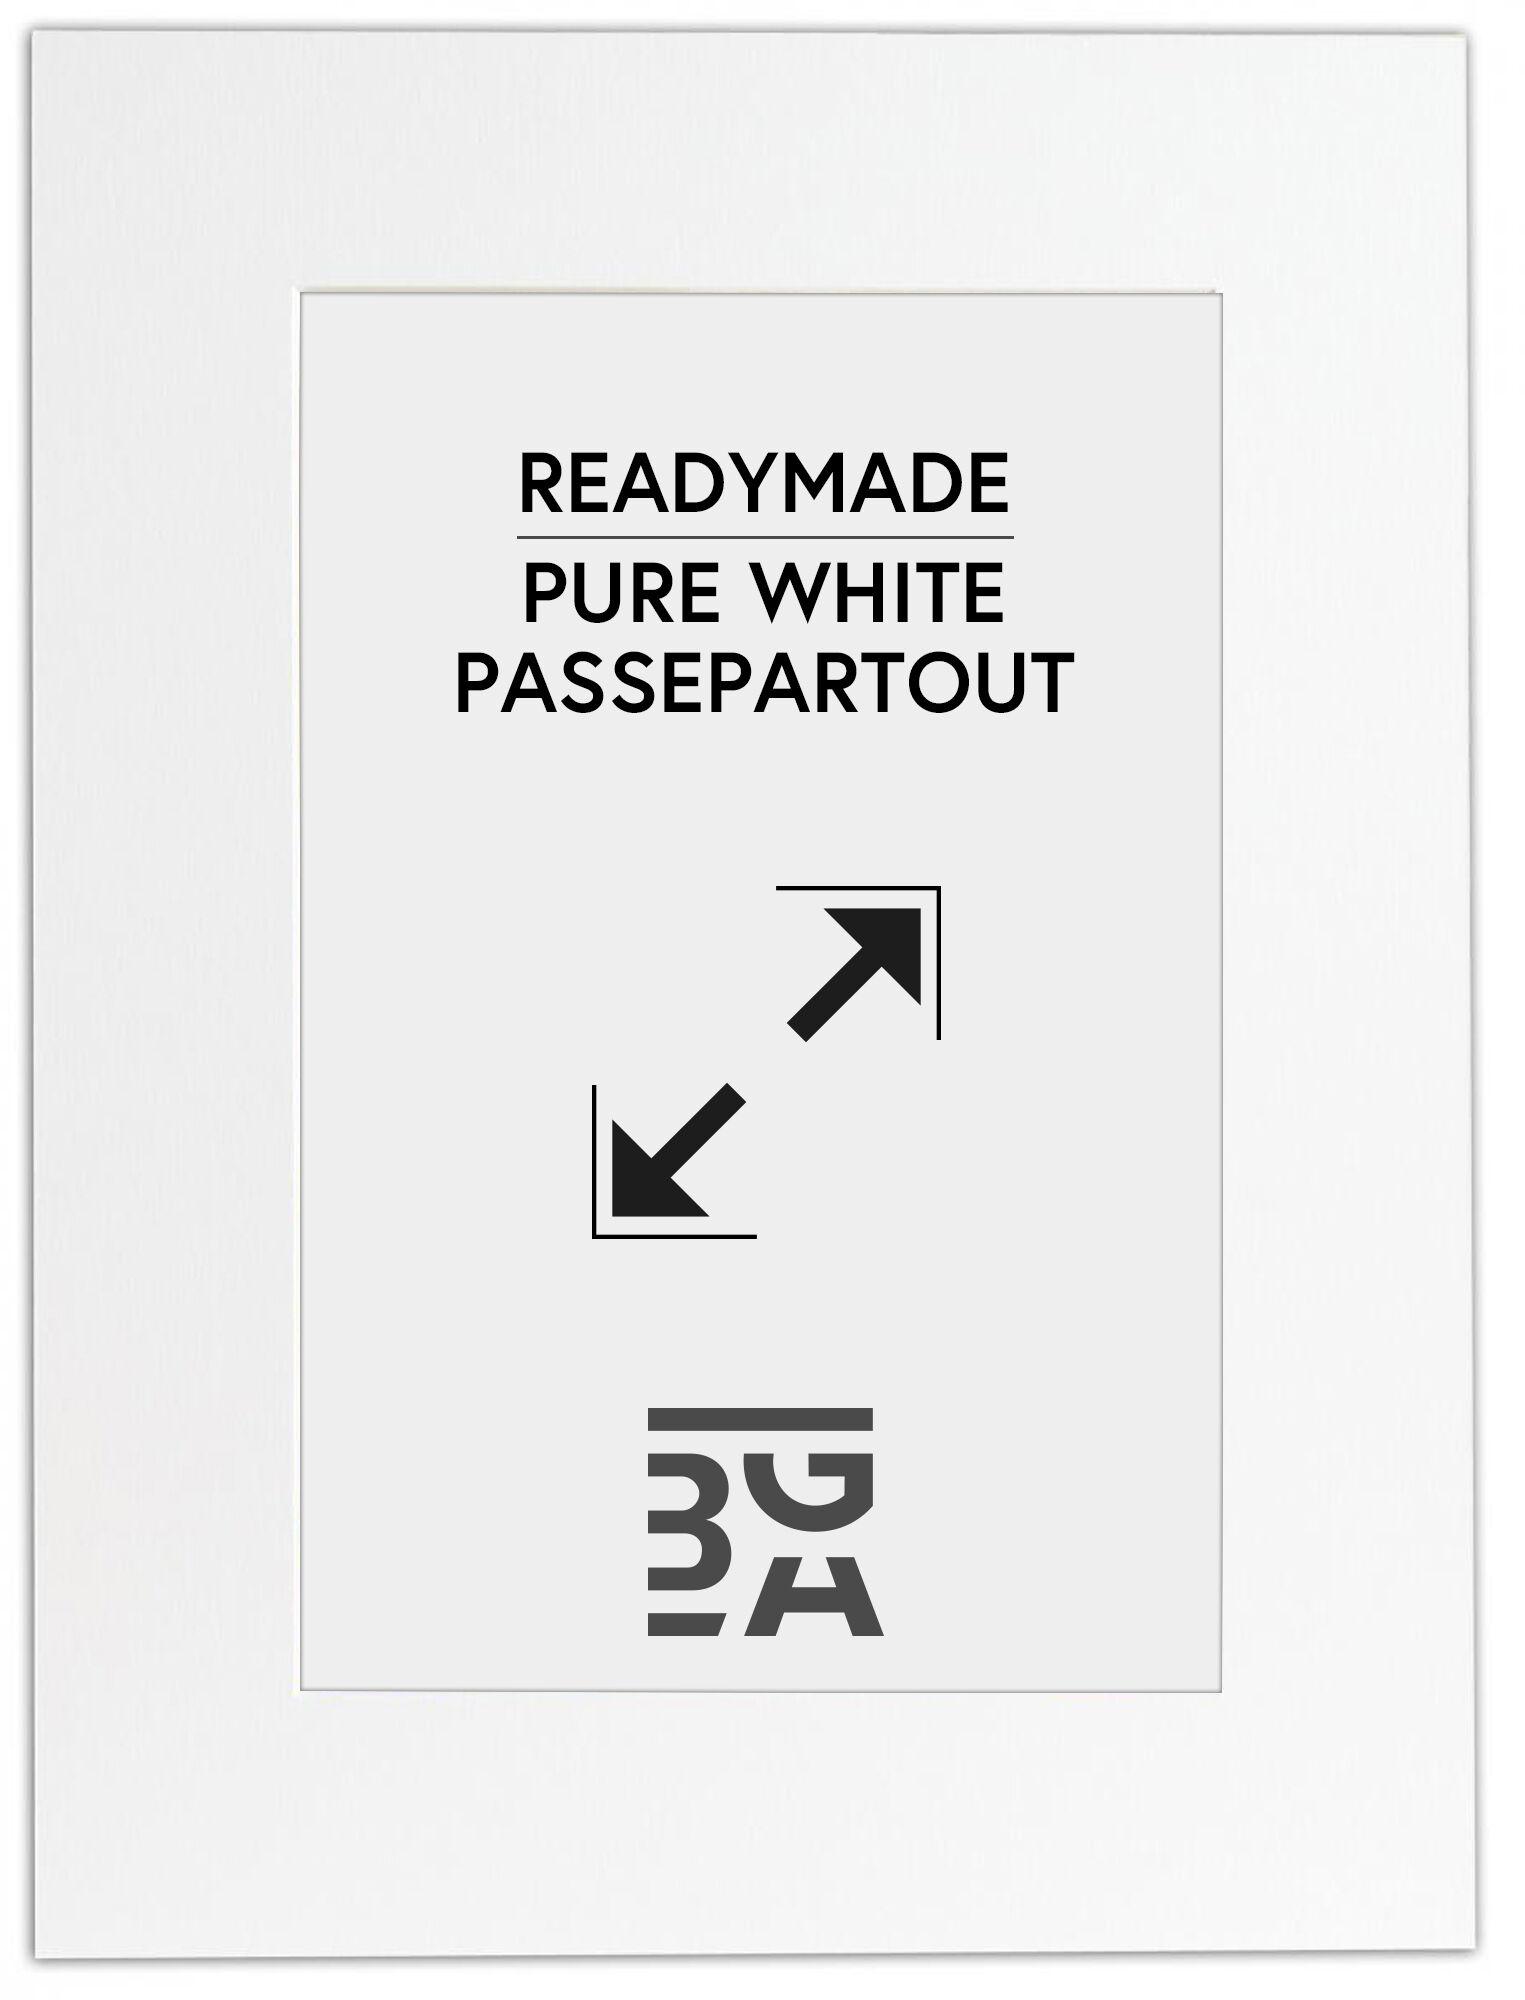 Image of Galleri 1 Paspatuuri Puhtaan valkoinen A4 21x29,7 cm (14x19,5 cm)